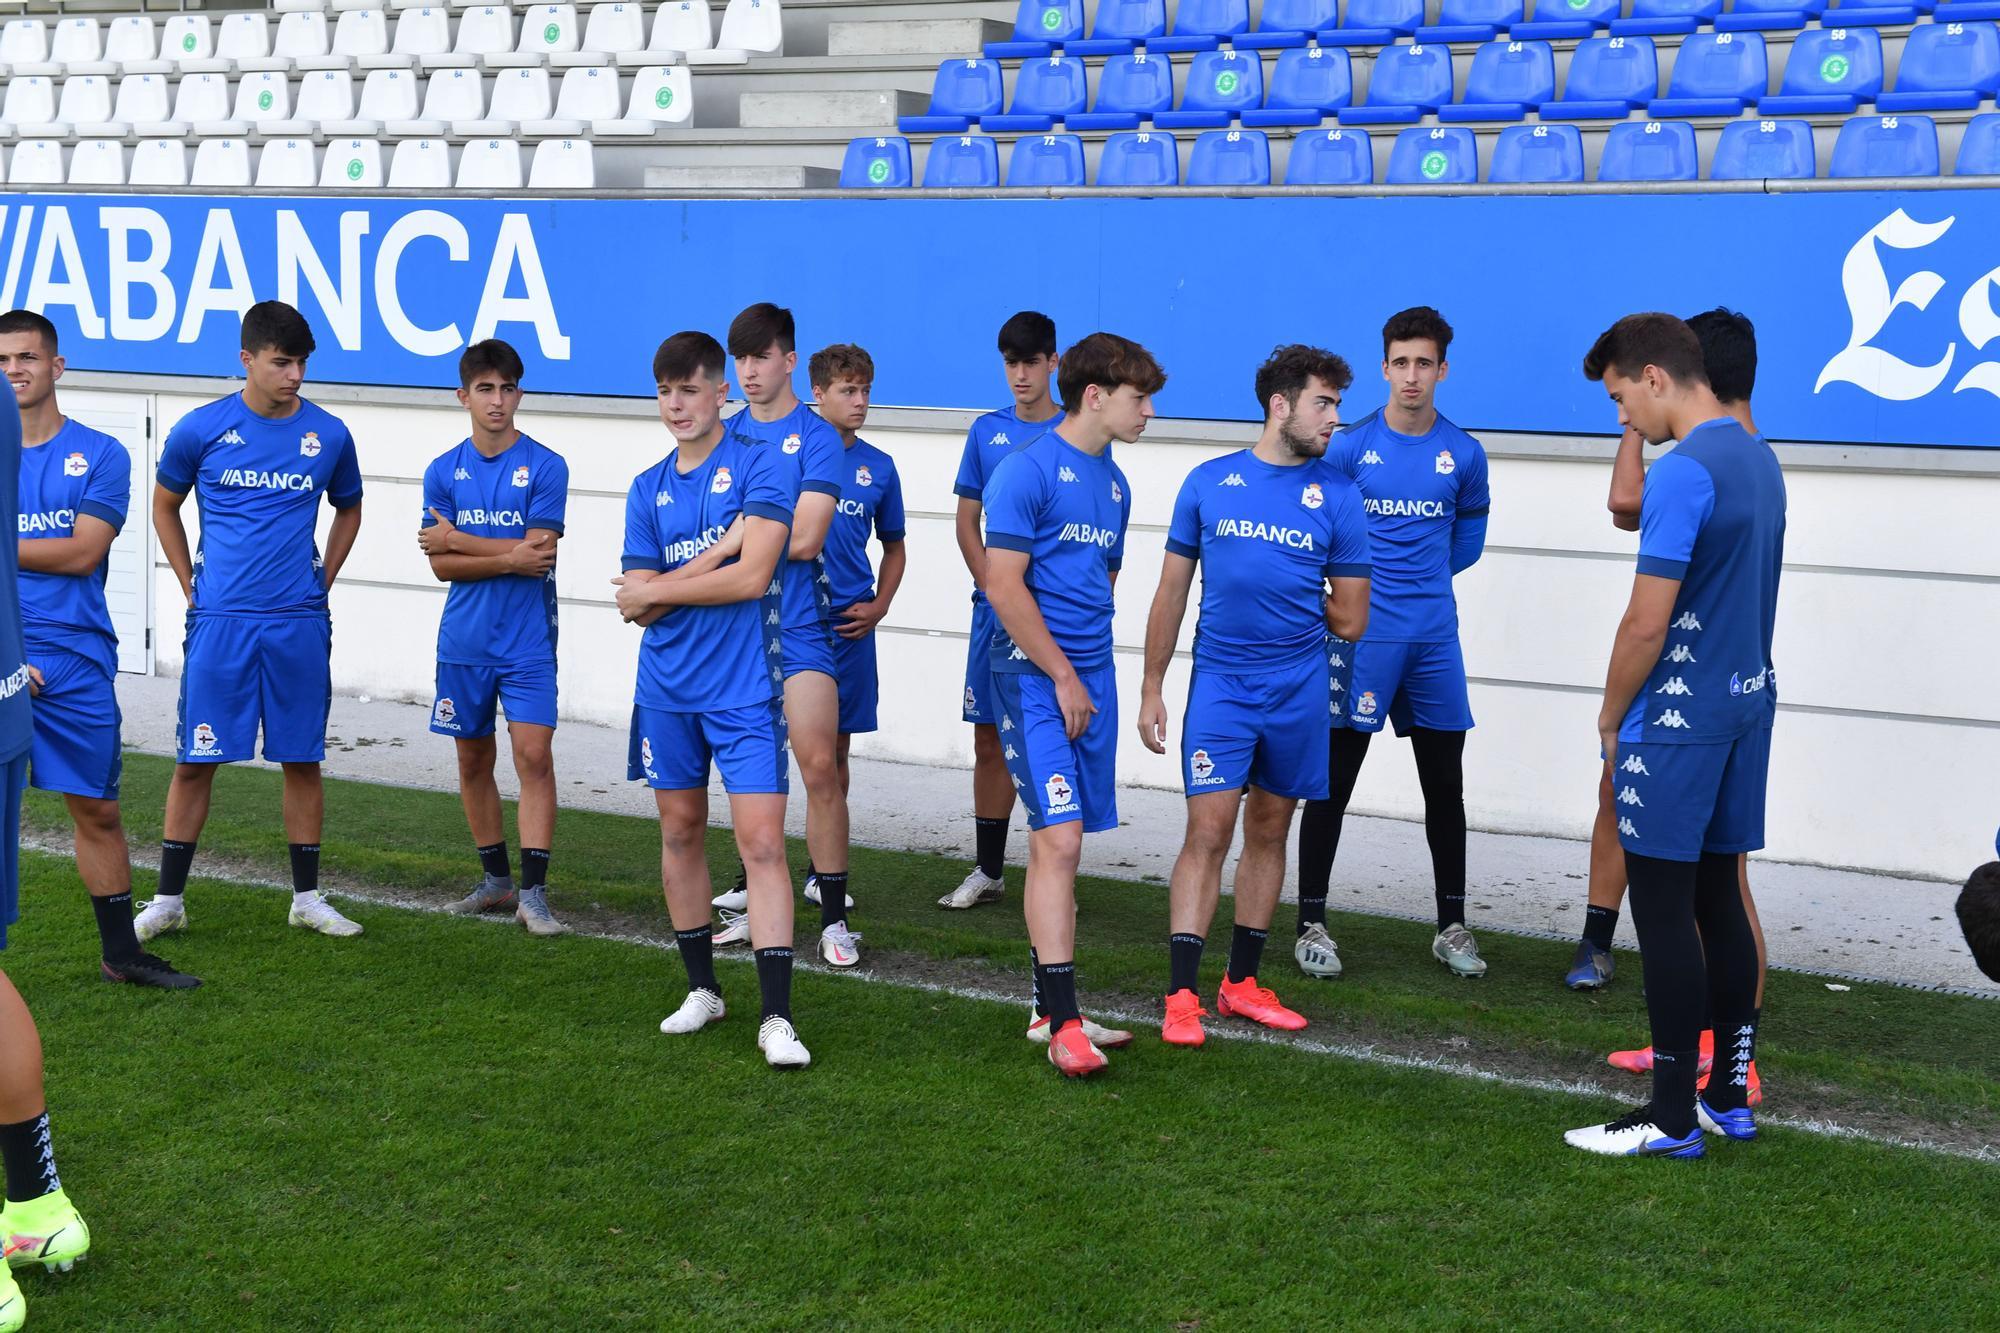 Los juveniles del Dépor inician su aventura en la Youth League